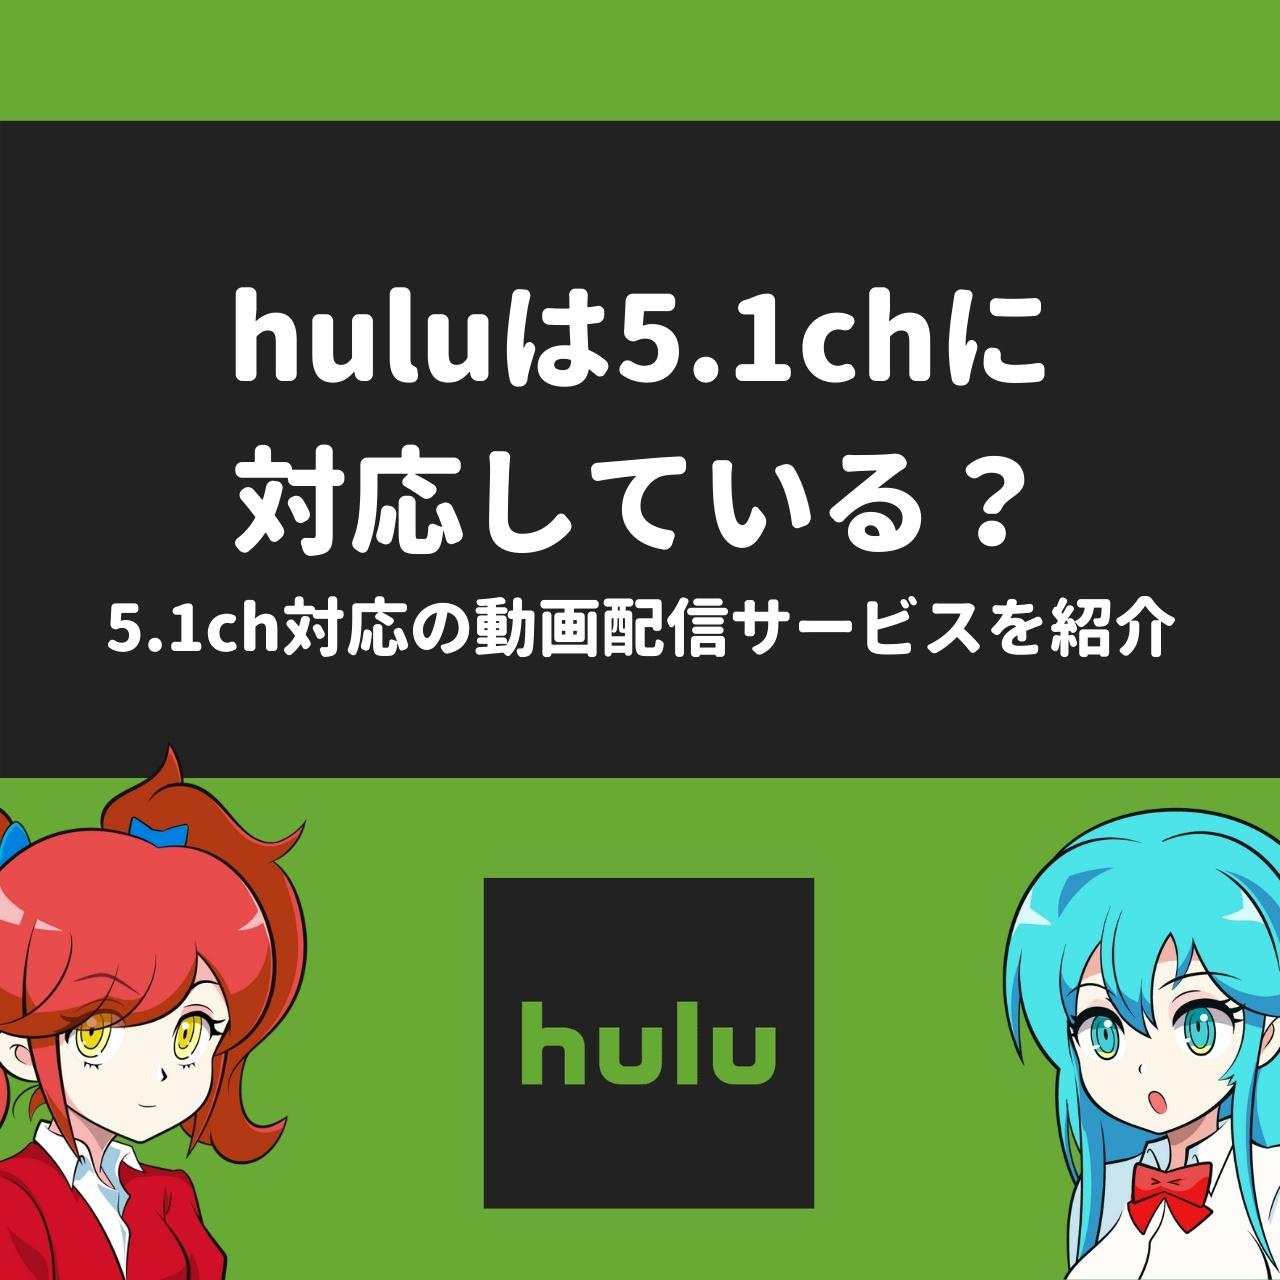 huluは5.1chに対応している?5.1ch対応の動画配信サービスを紹介